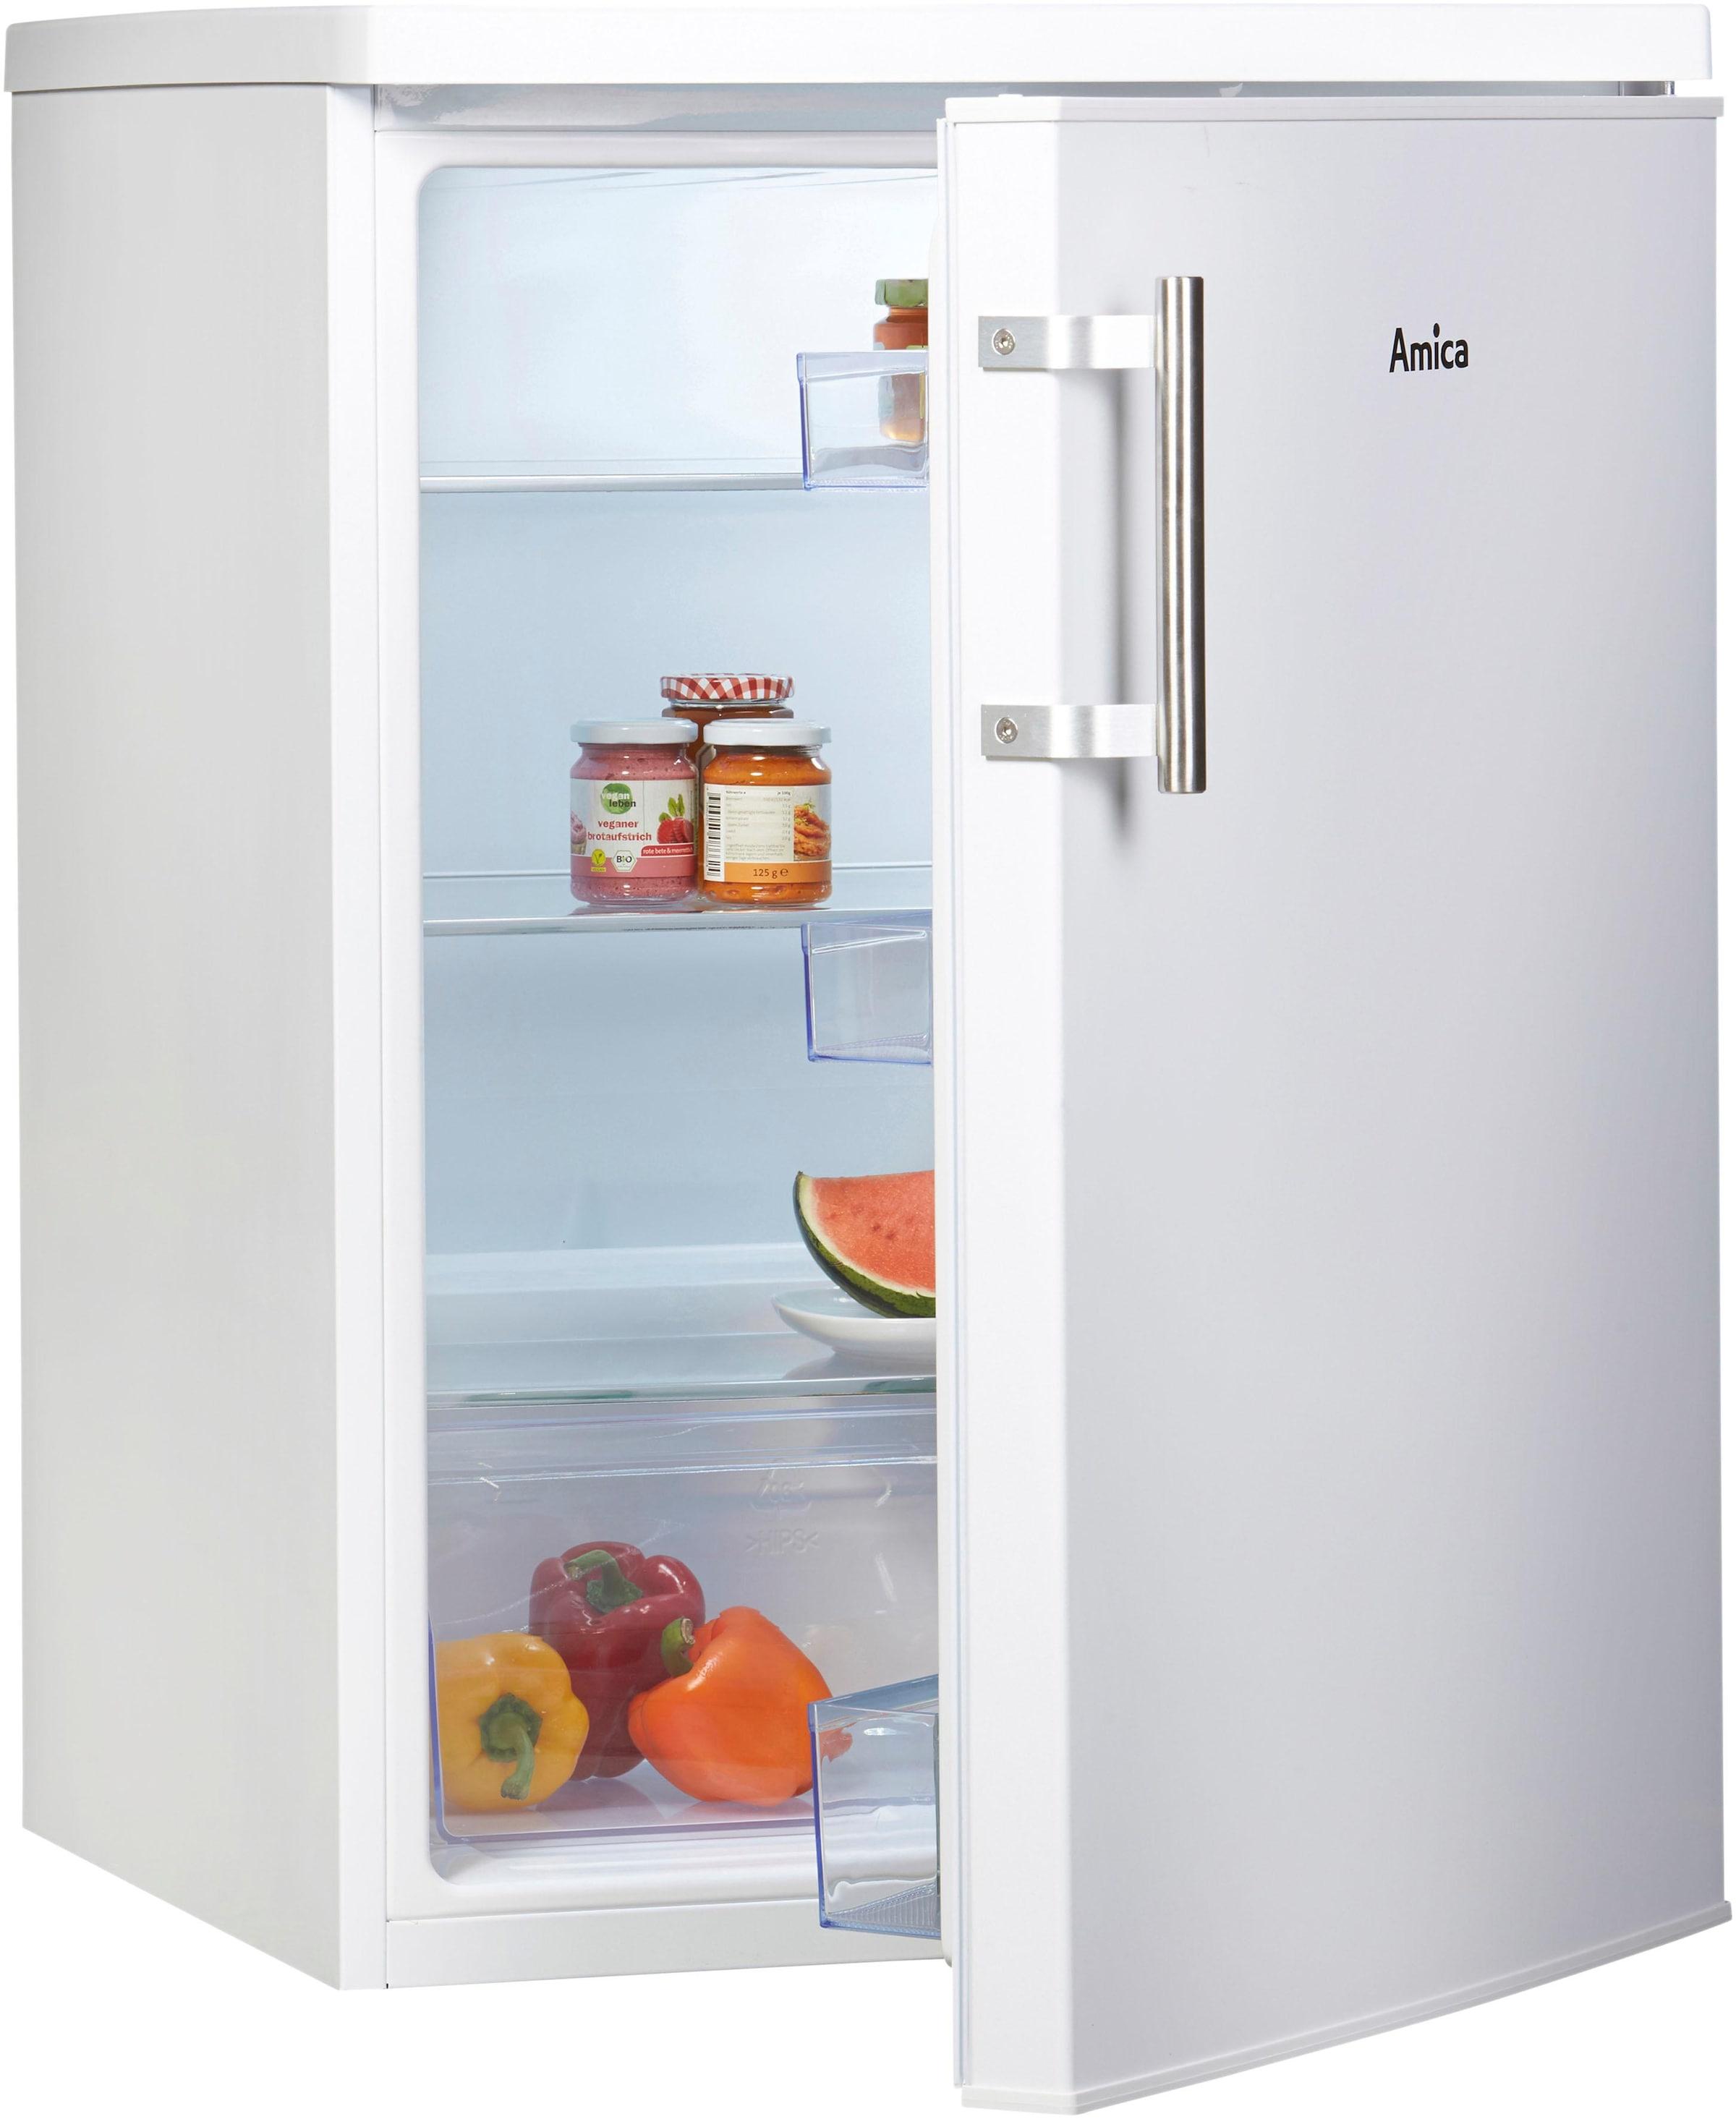 Kühlschrank Integrierbar Ohne Gefrierfach : Kühlschrank cm integrierbar ohne gefrierfach einbaukühlschränke